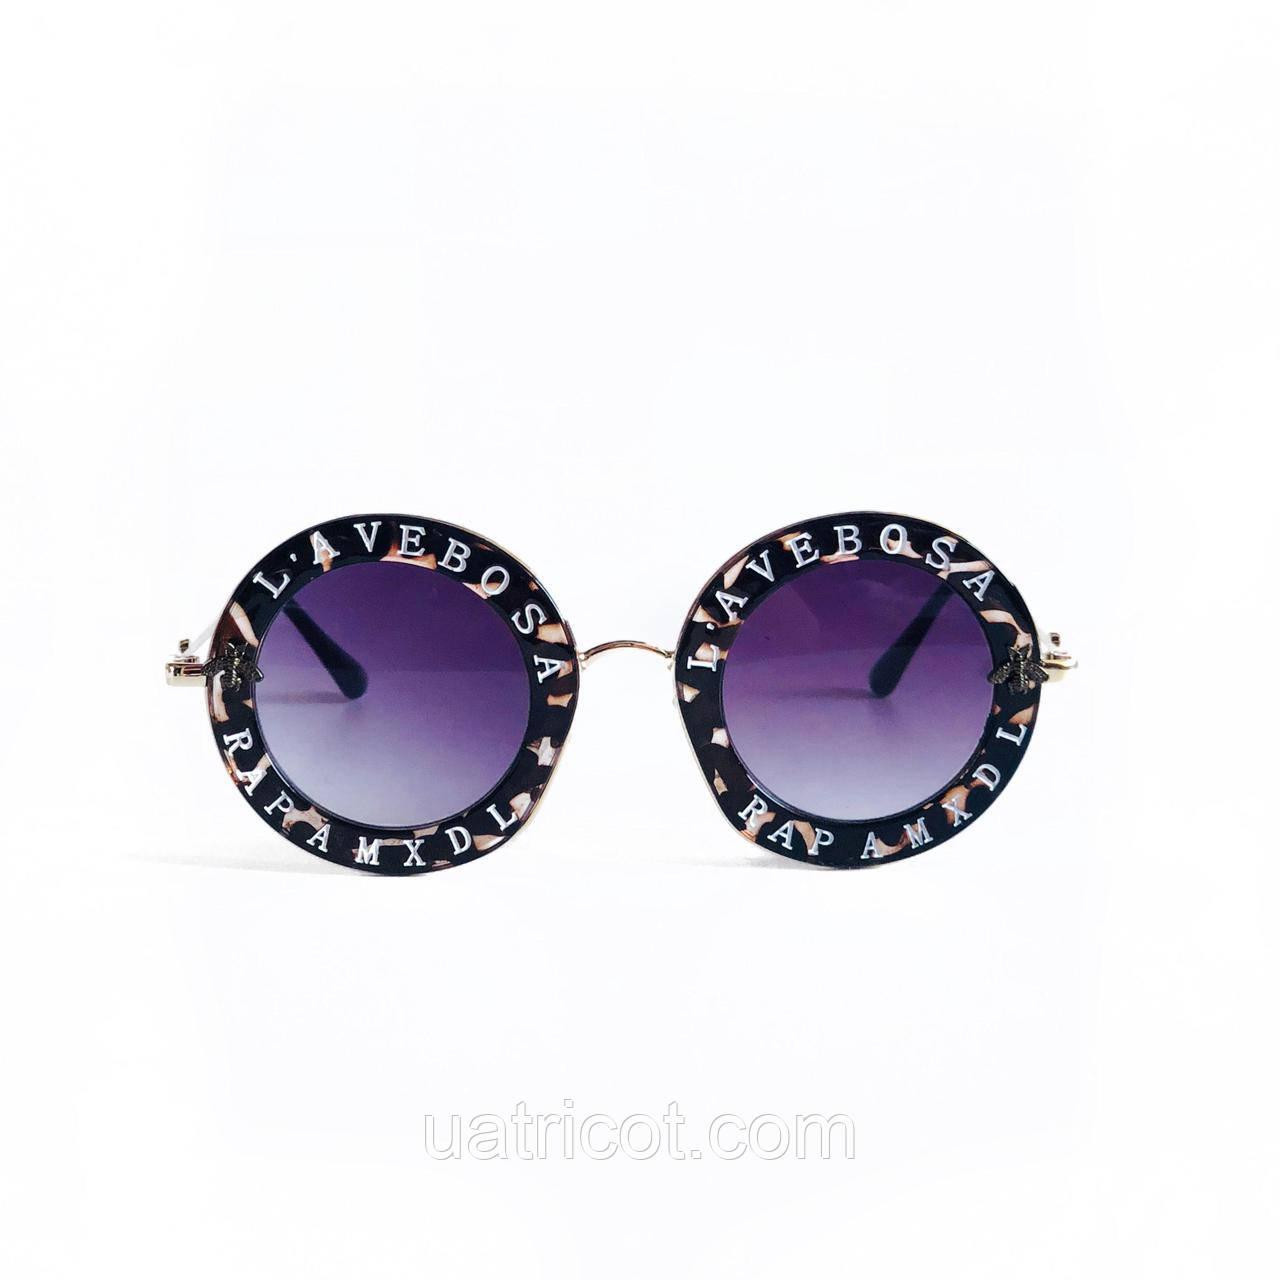 Женские круглые солнцезащитные очки в коричневой оправе с надписями